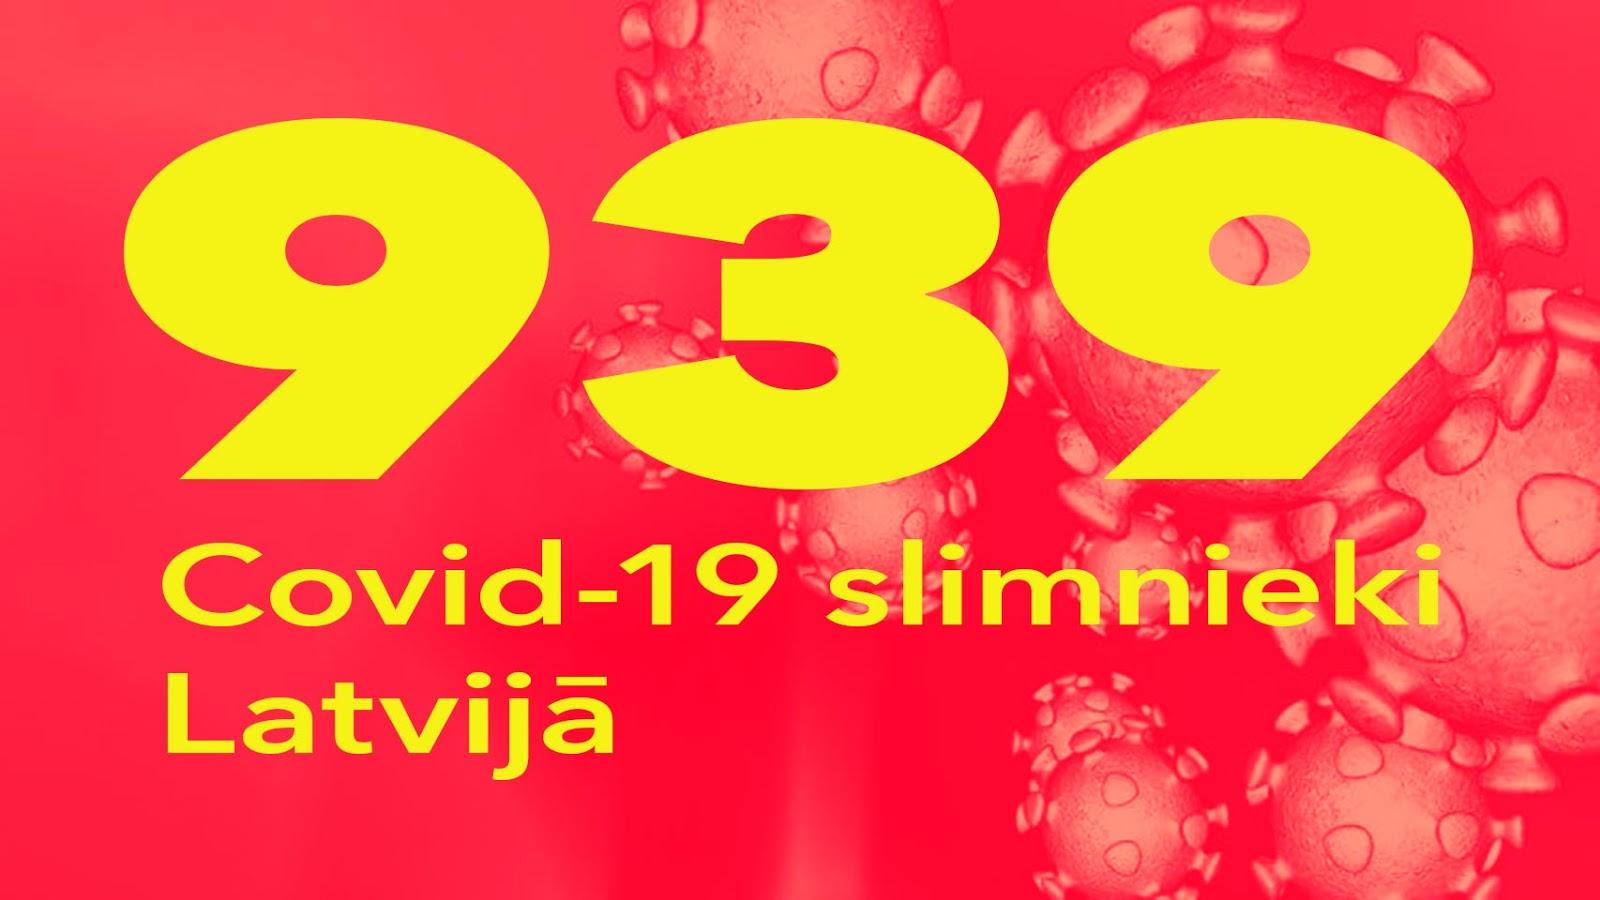 Koronavīrusa saslimušo skaits Latvijā 10.05.2020.